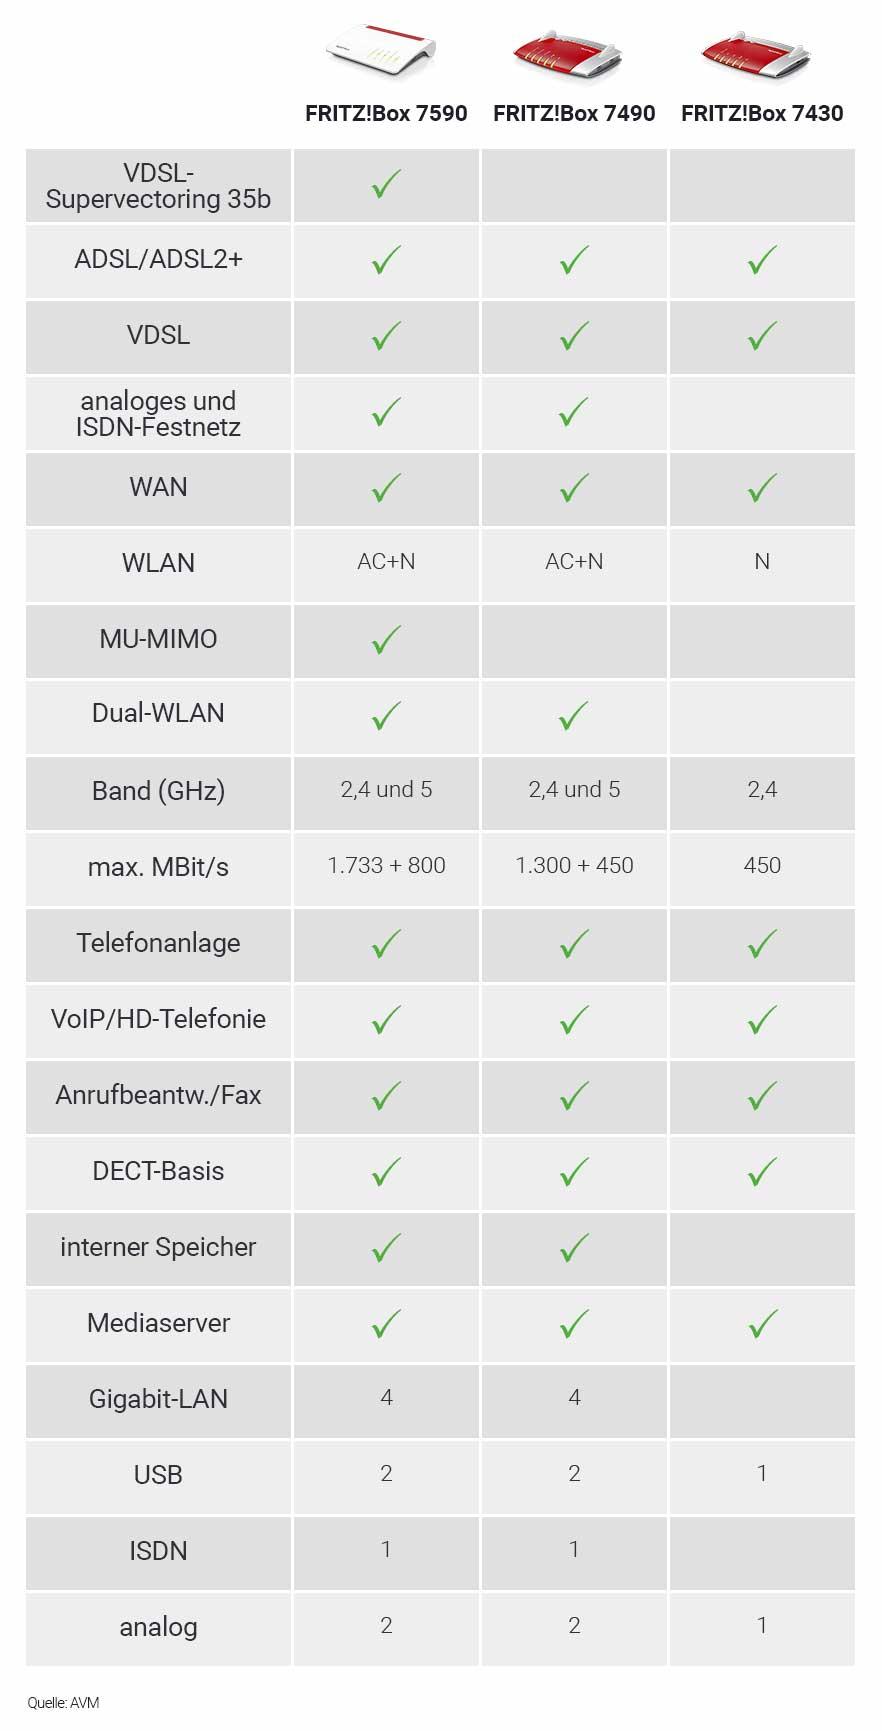 Fritzbox Vergleich - Tabelle der technischen Daten.